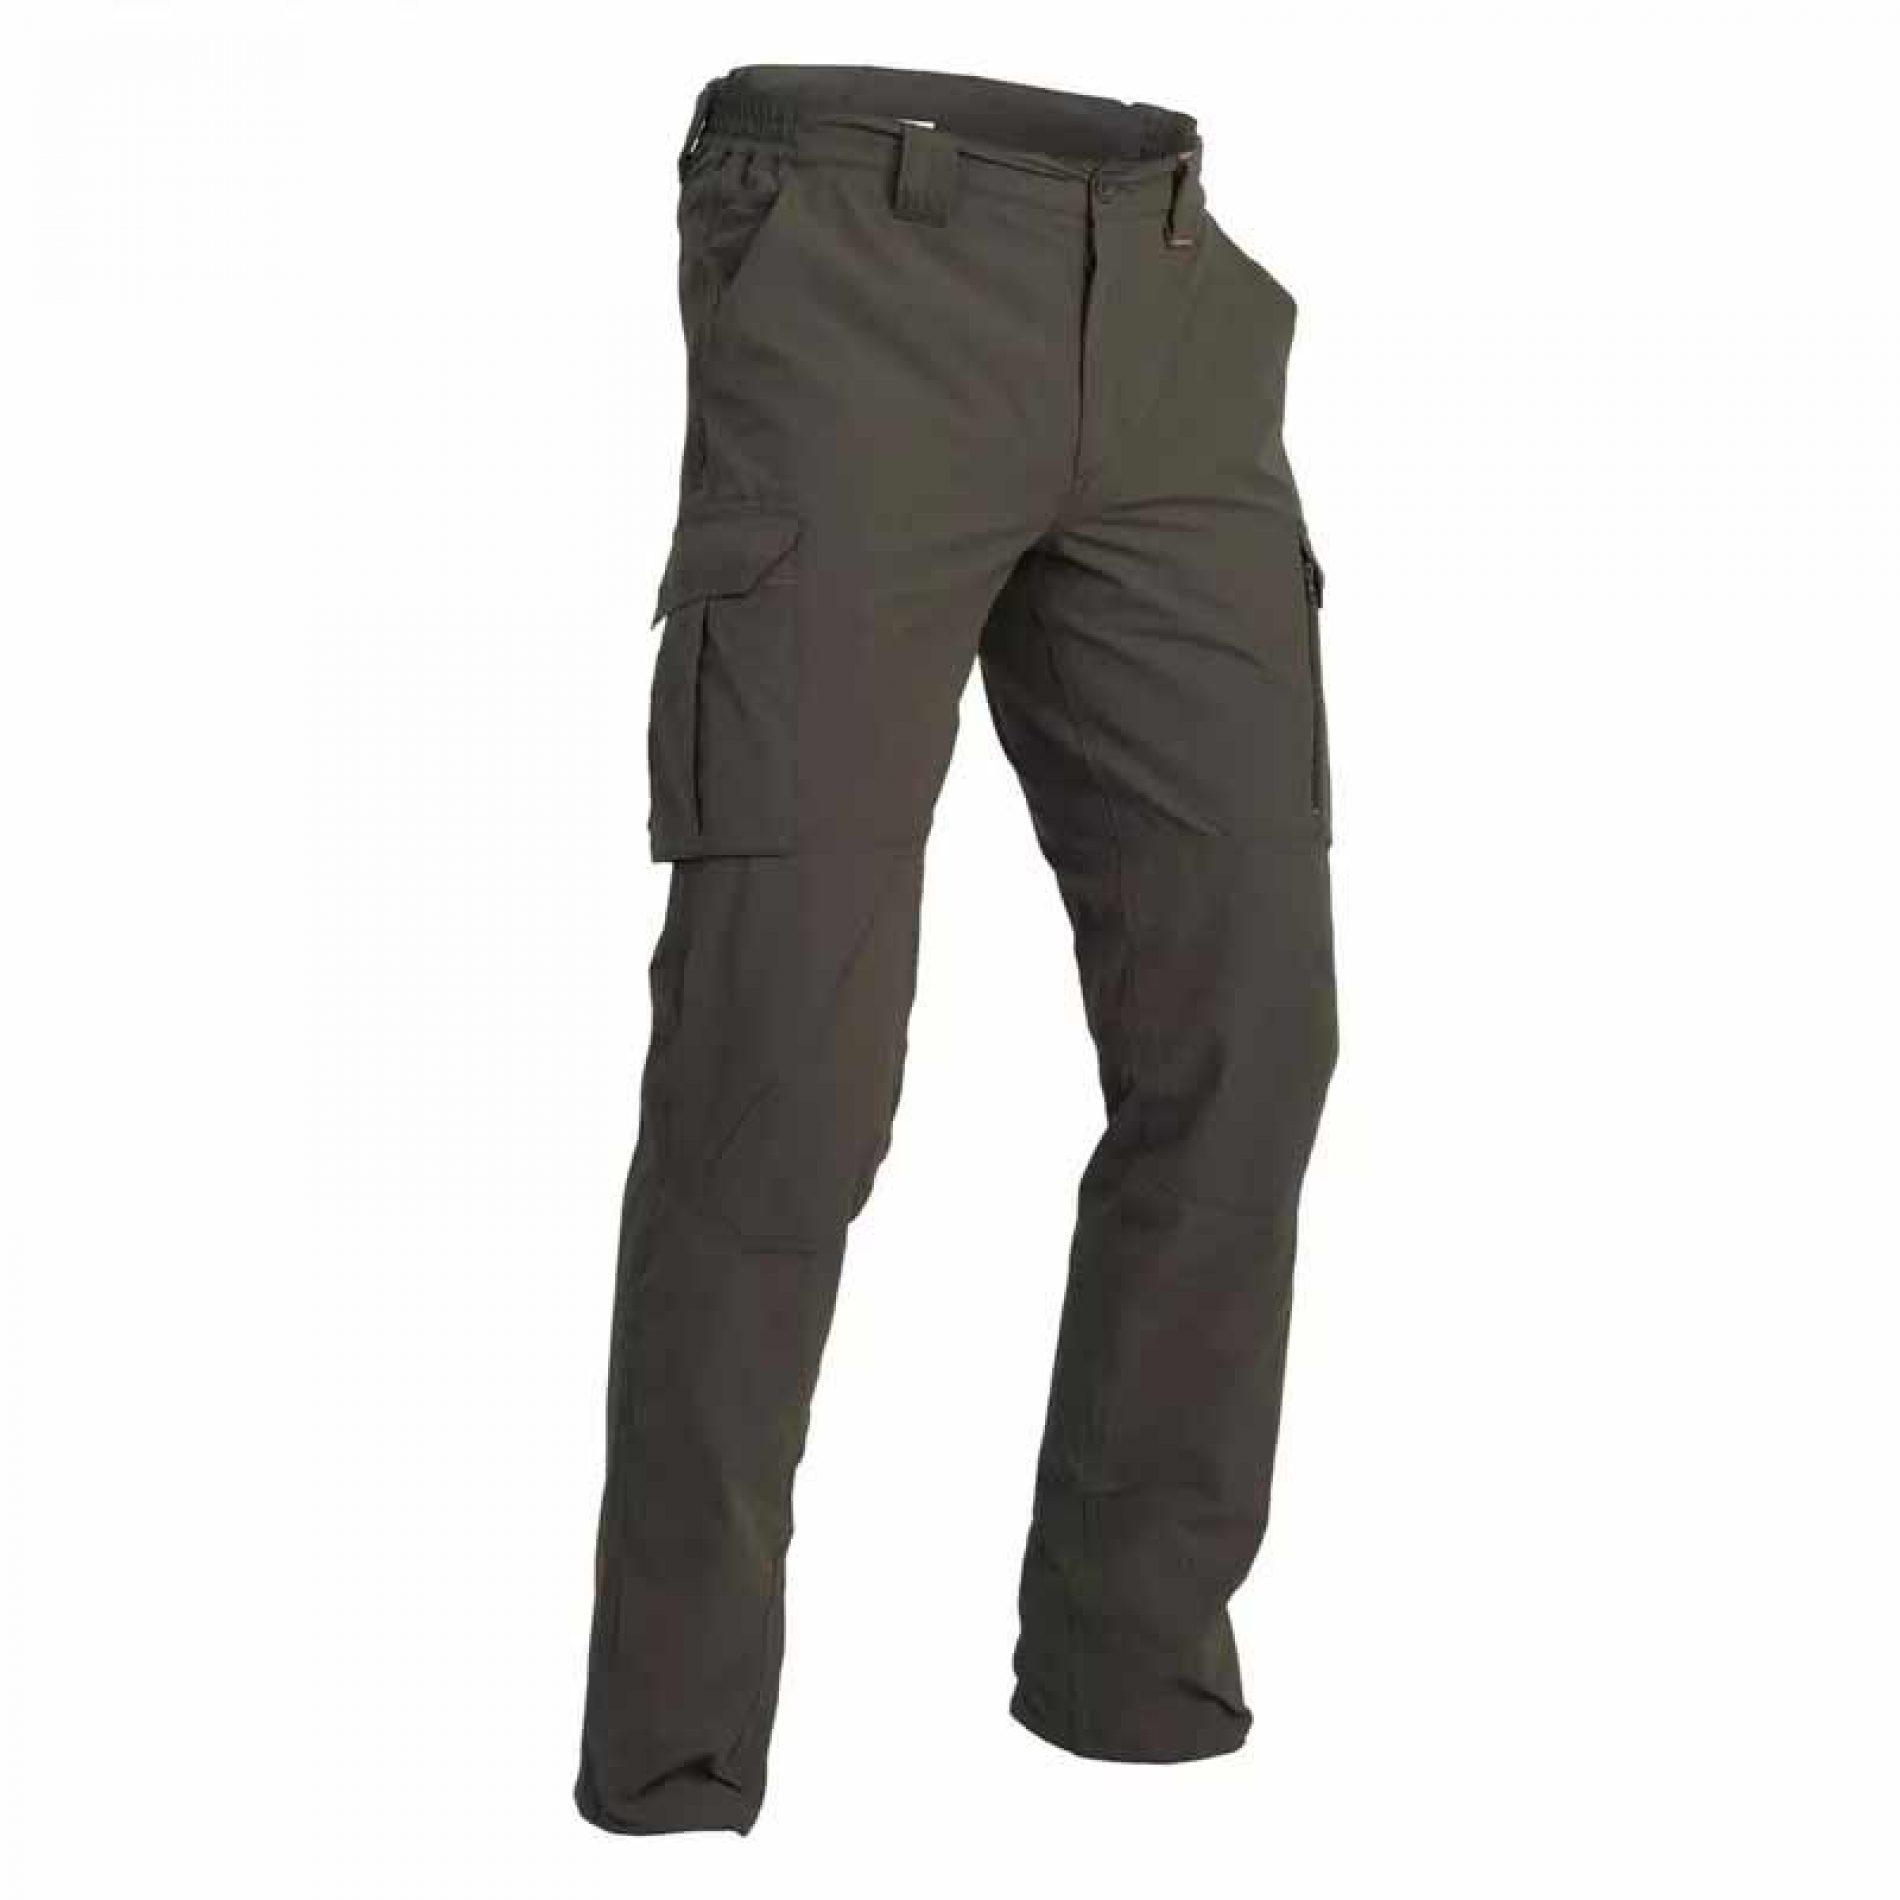 Pantalón Solognac SG 500 diseñado para la caza cuando el calor aprieta